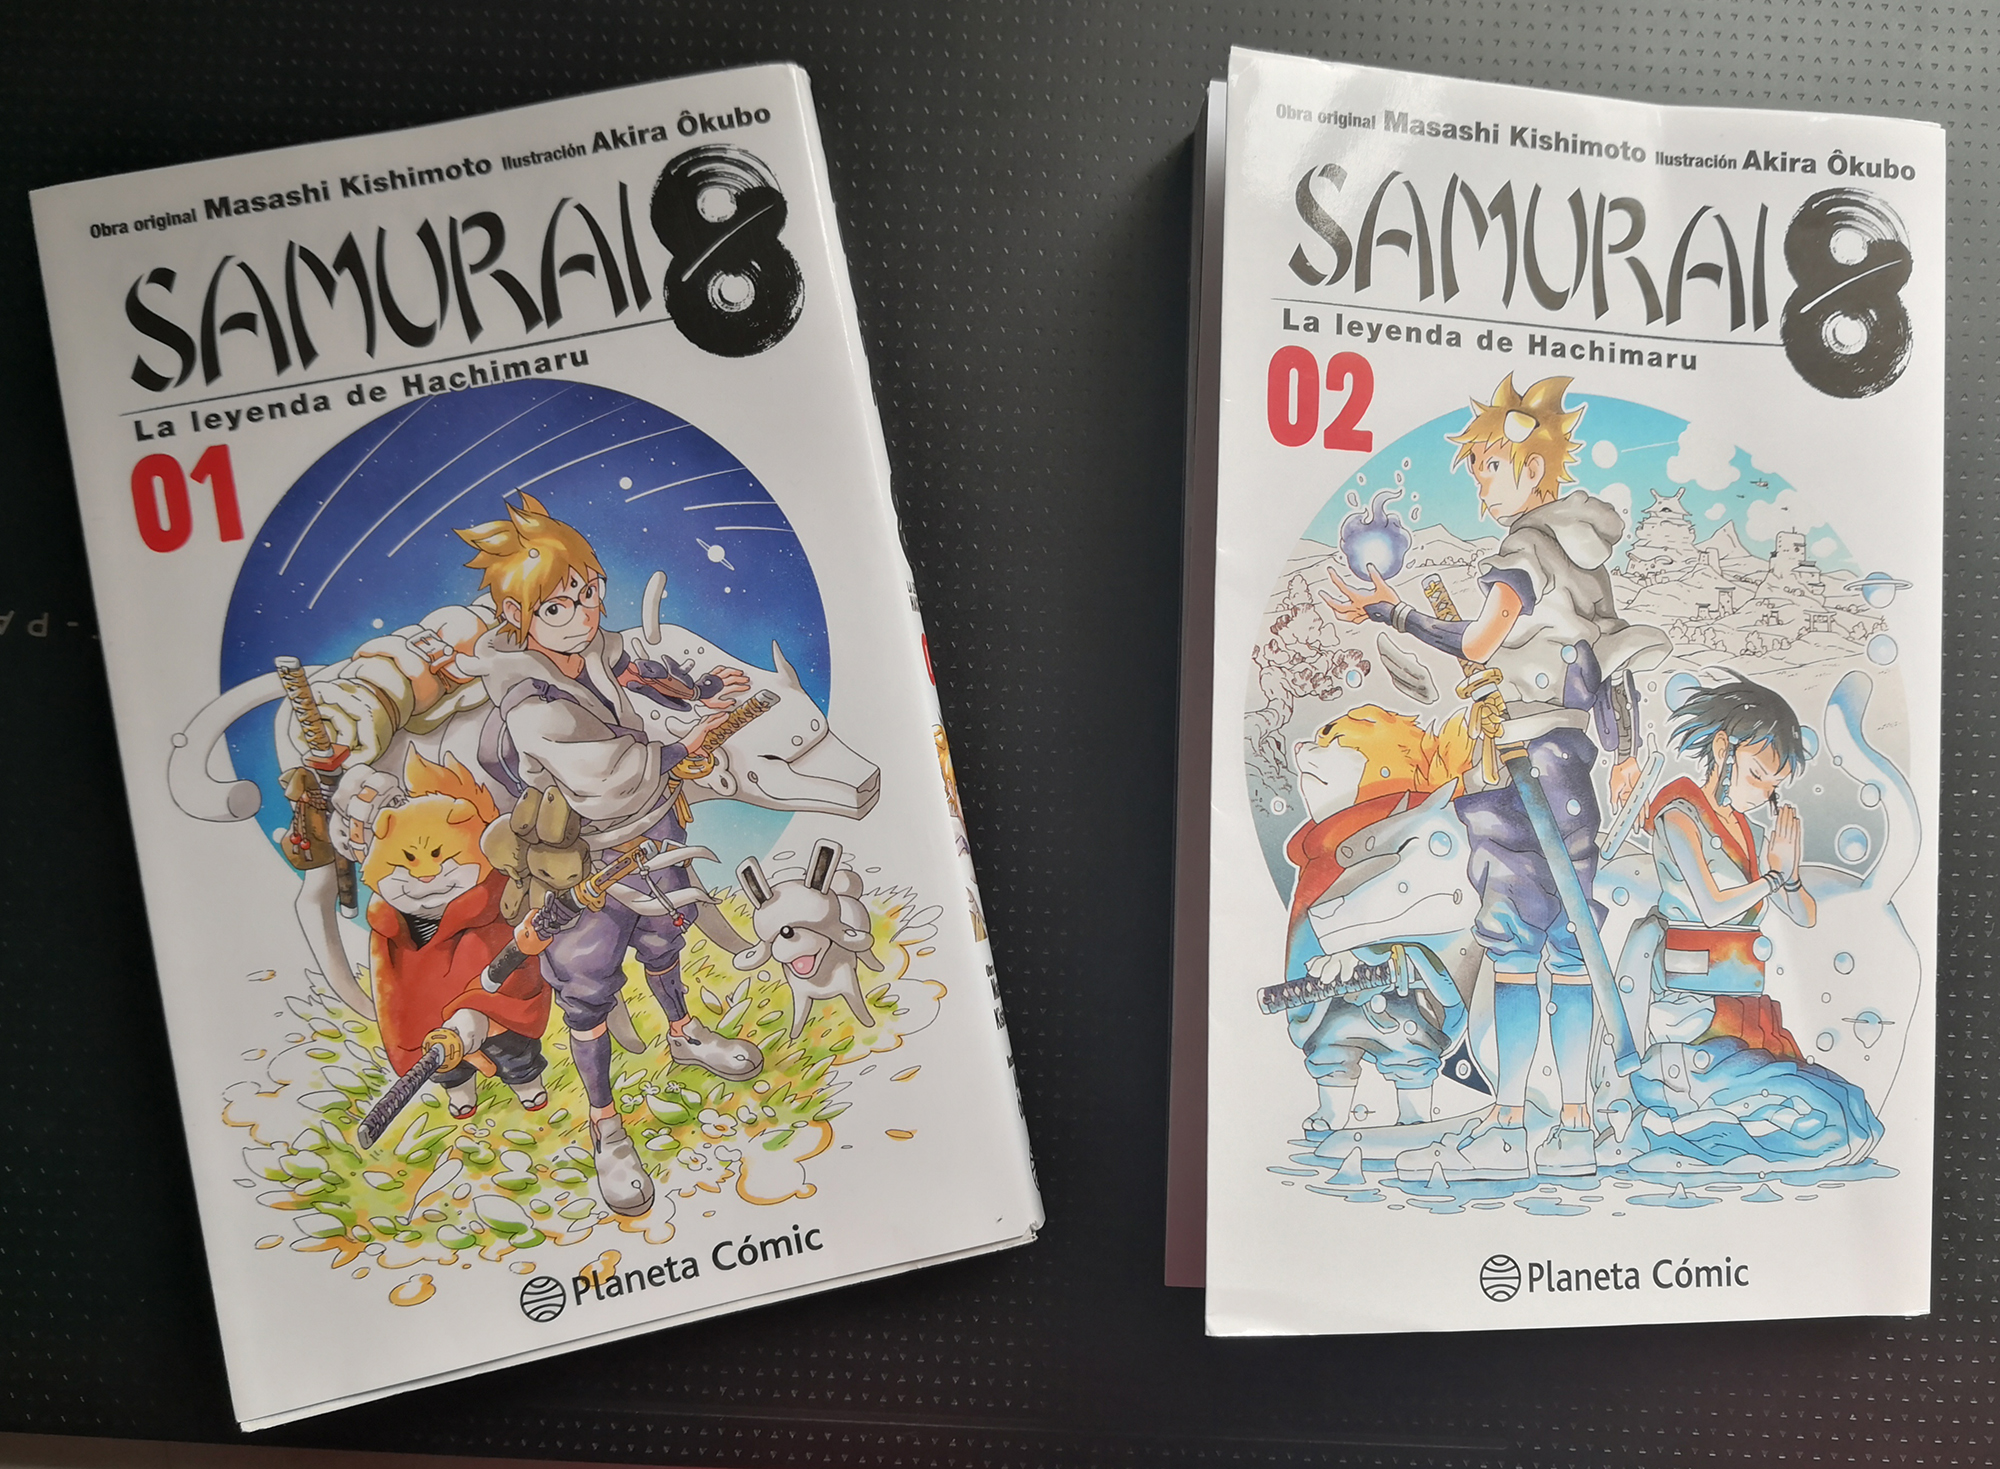 Samurai 8